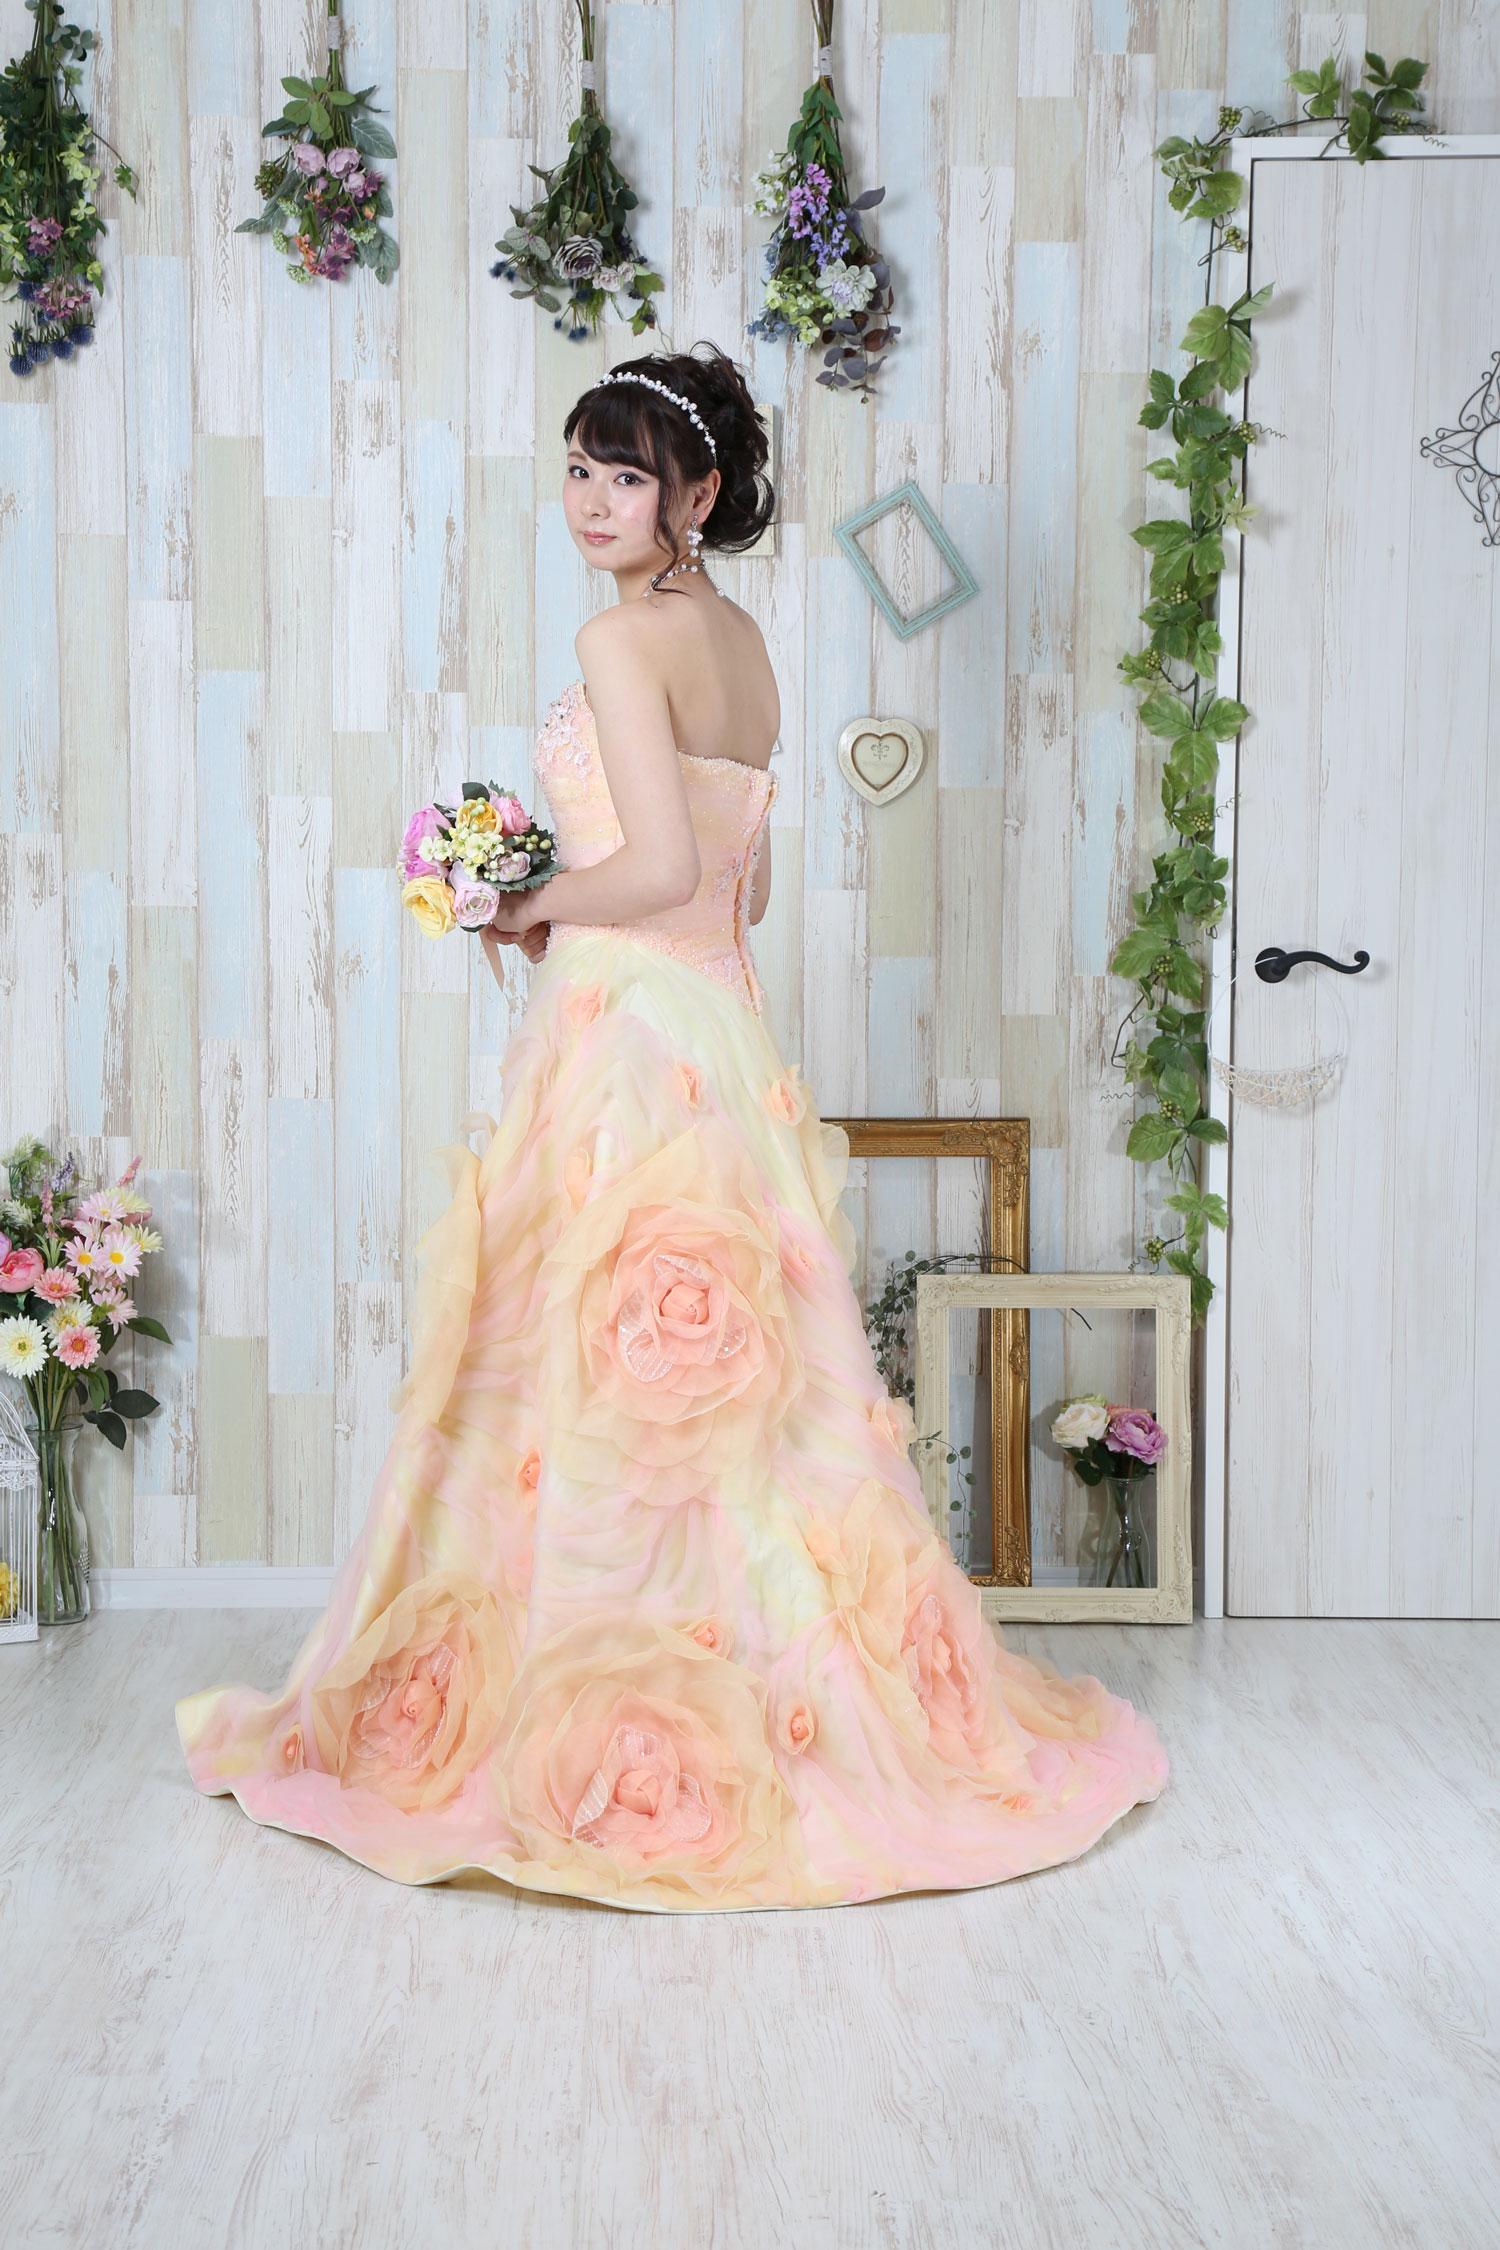 ★20180211-ドレス衣装撮影_190